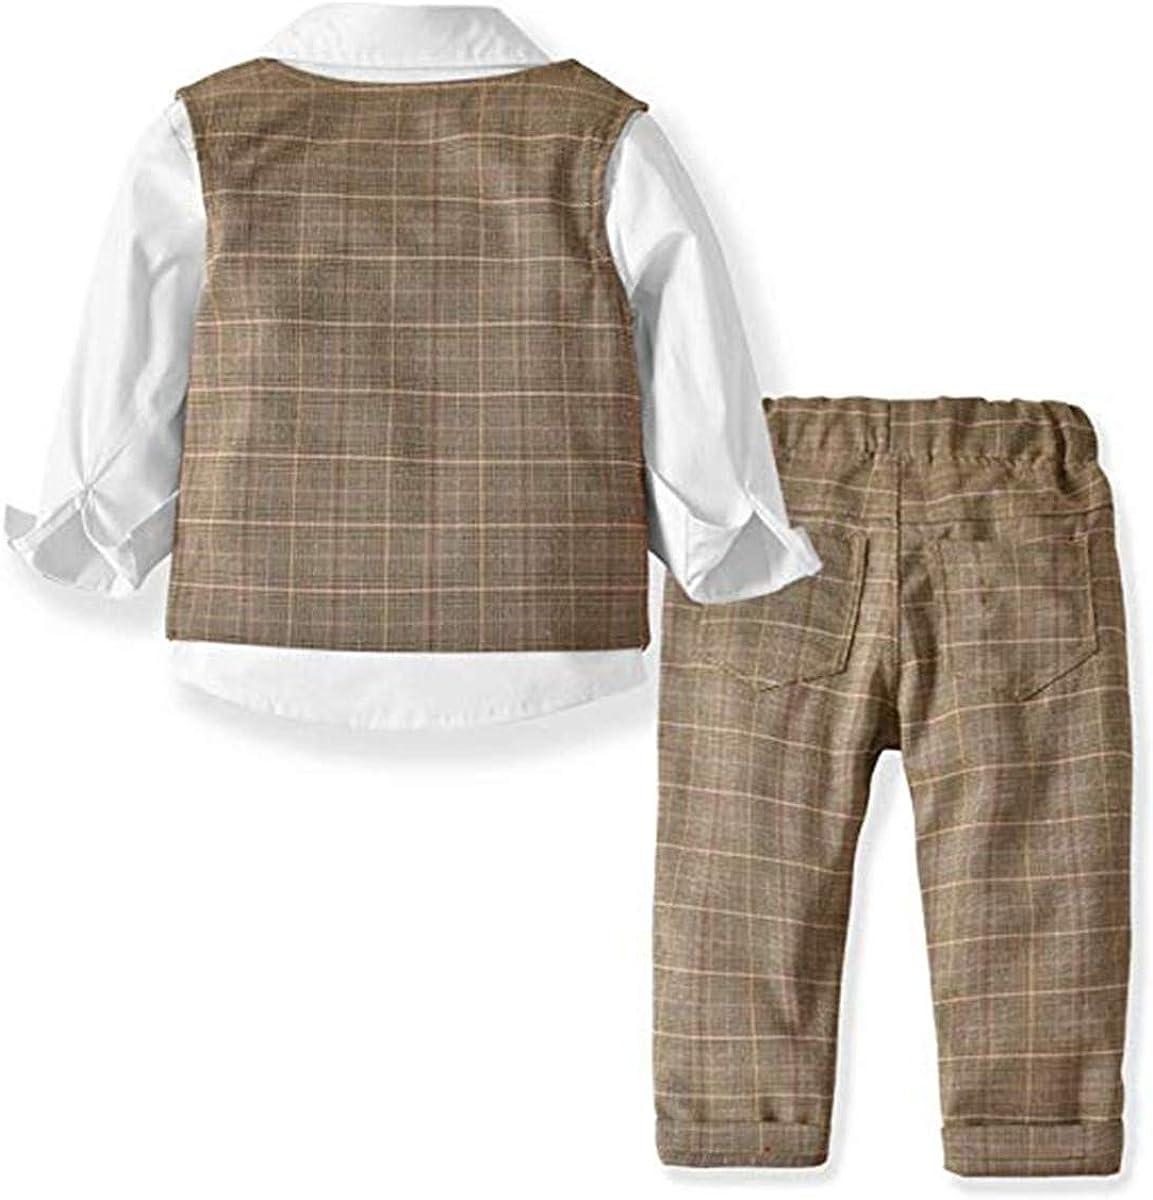 JELEUON Little Toddler Boys 4Pcs Gentleman Formal Suit Four Pieces Bow Tie Long Sleeve Plaid Shirts Vest Pants Outfit Suit